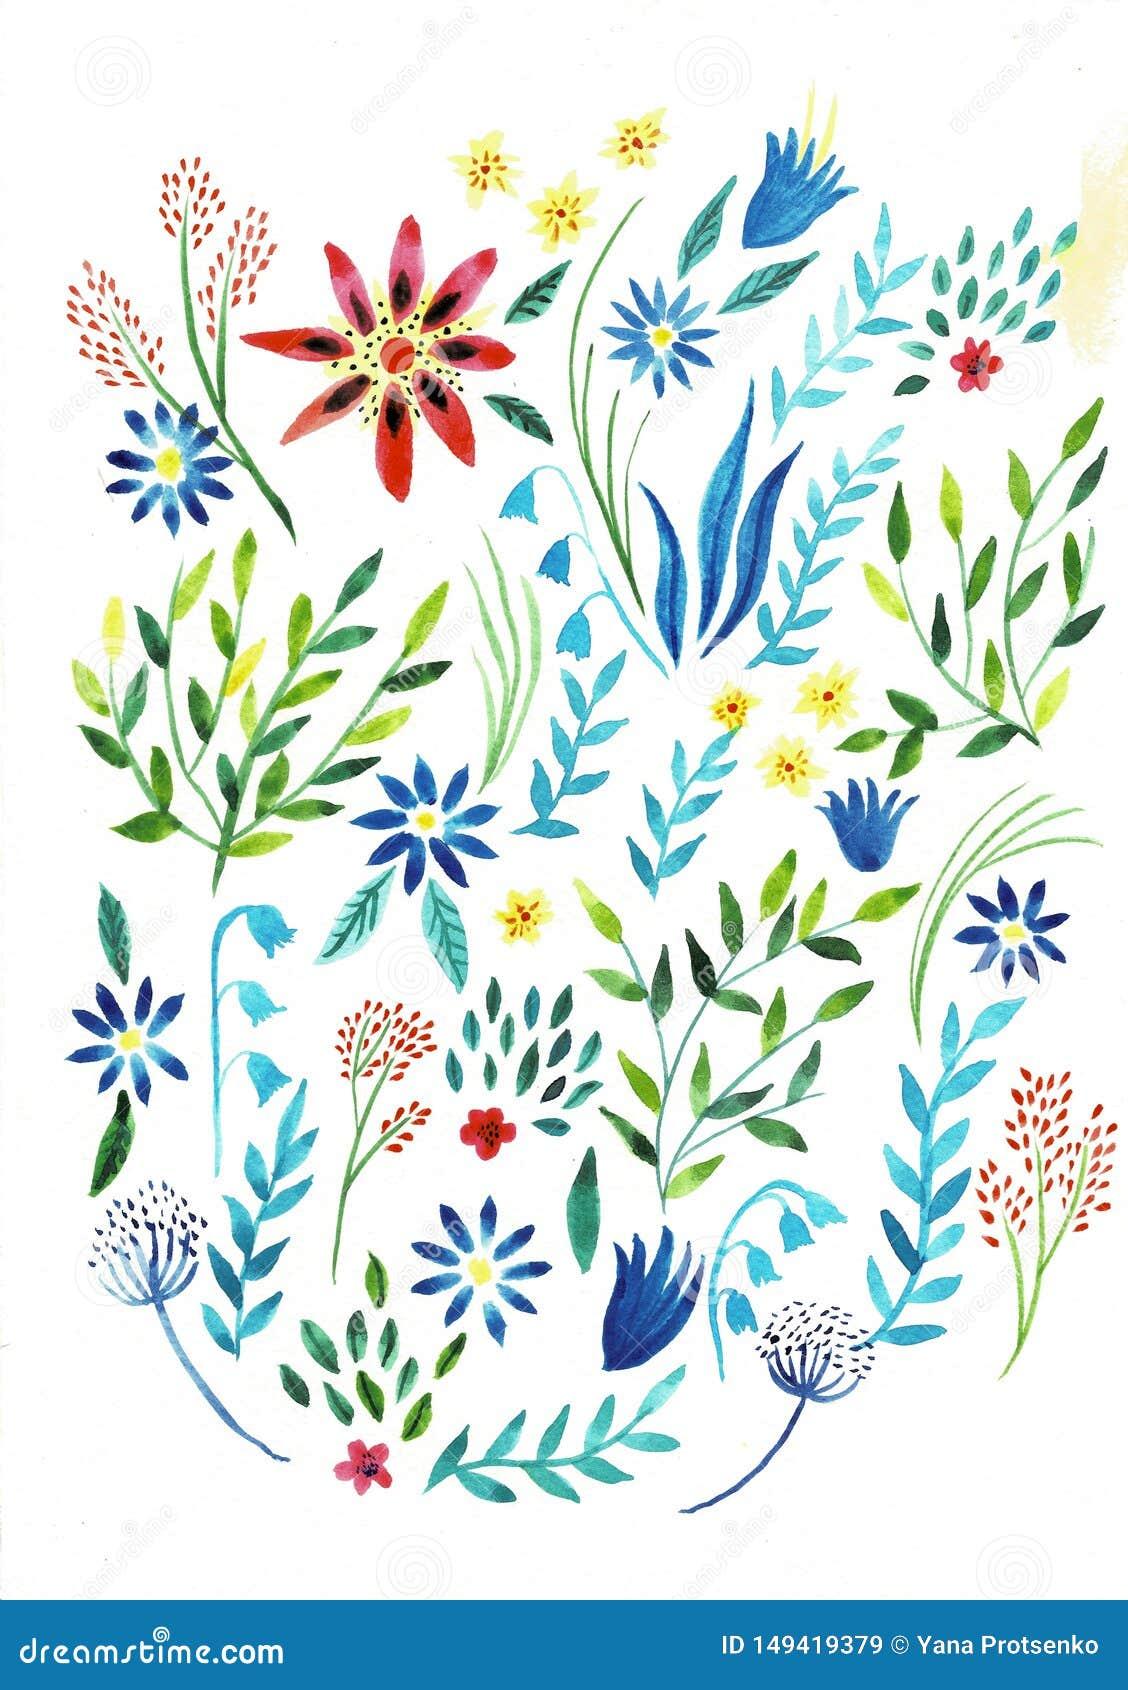 Grande illustration r?gl?e d aquarelle Collection botanique d usines sauvages et de jardin Placez : feuilles, fleurs, branches, h